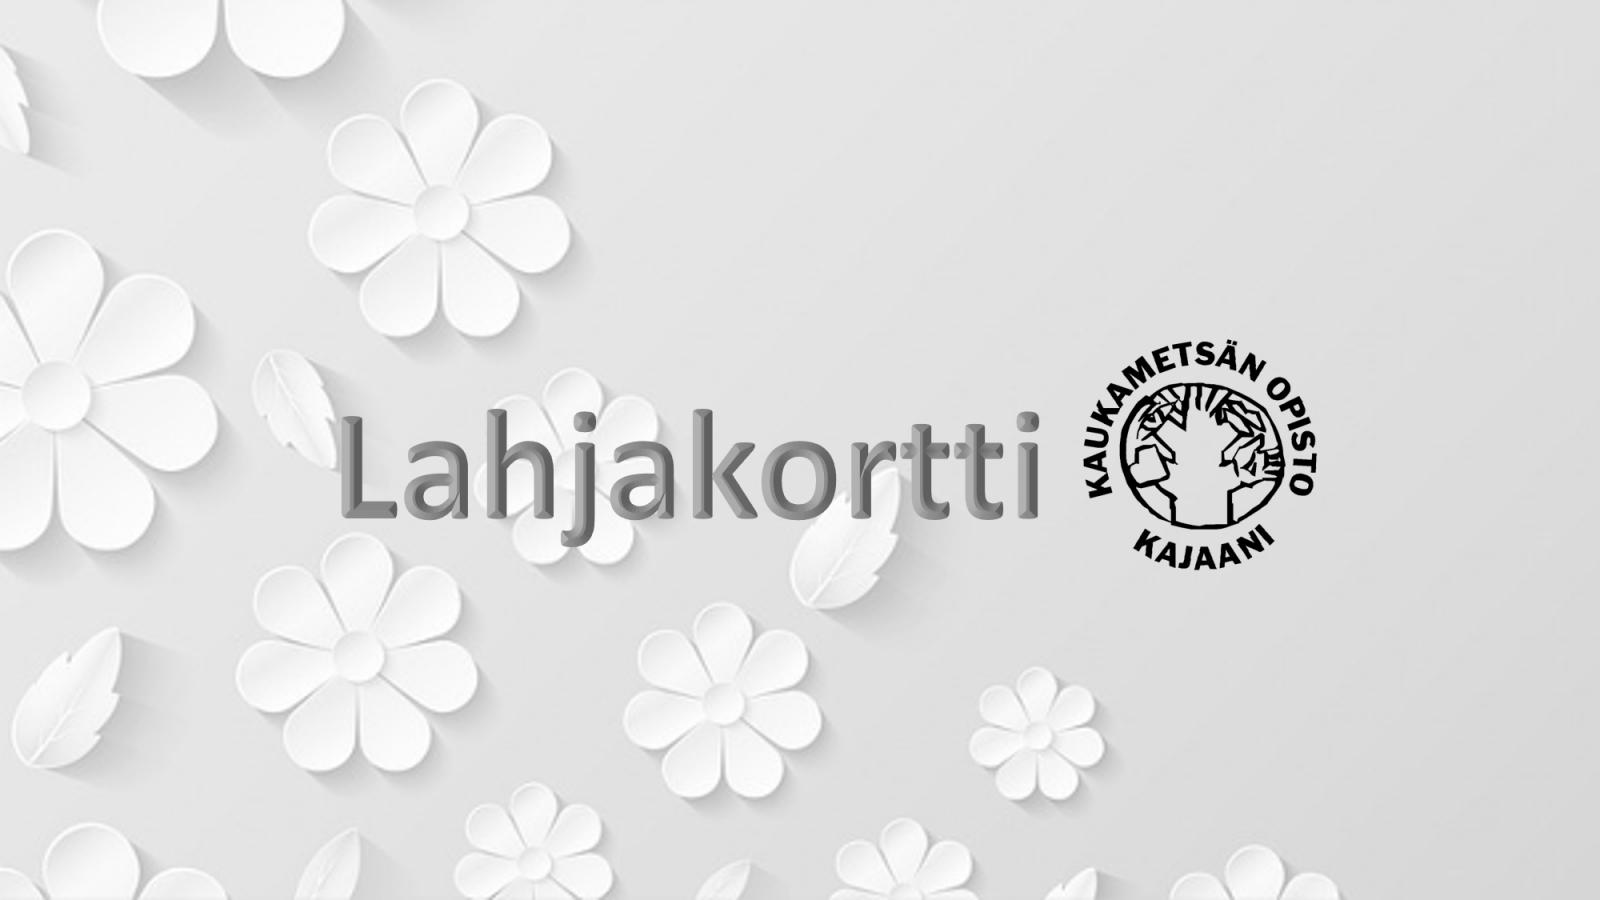 Kaukametsän opiston lahjakortti, harmaalla pohjalla valkoisia kukkia. Teksti lahjakortti ja opiston logo.